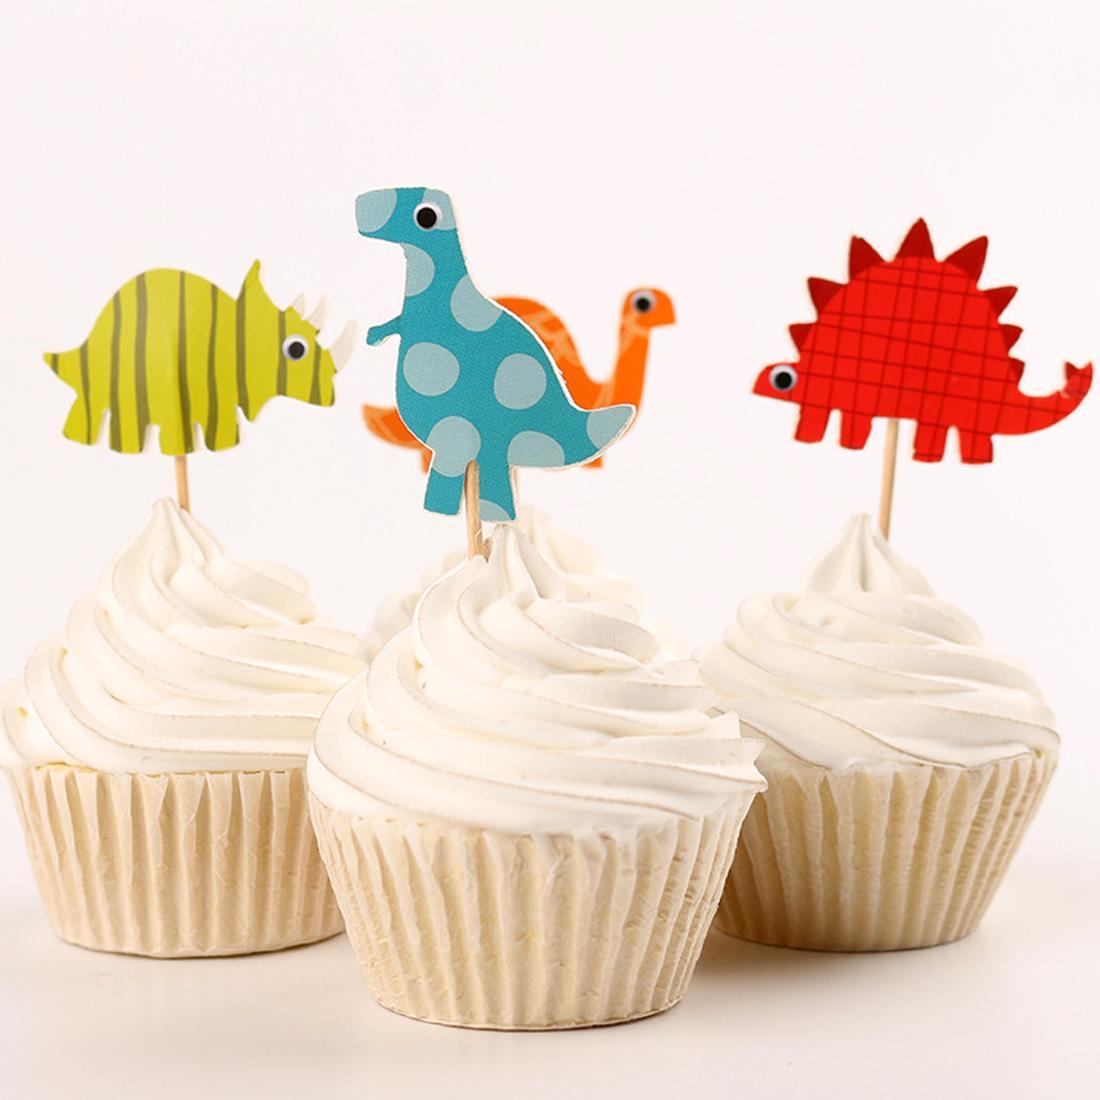 Il la cosa migliore 24pcs / set decorazione della torta del bigné del dinosauro la decorazione di acquazzone del bambino scherza la decorazione del partito di cottura del partito della torta di compleanno dei capretti